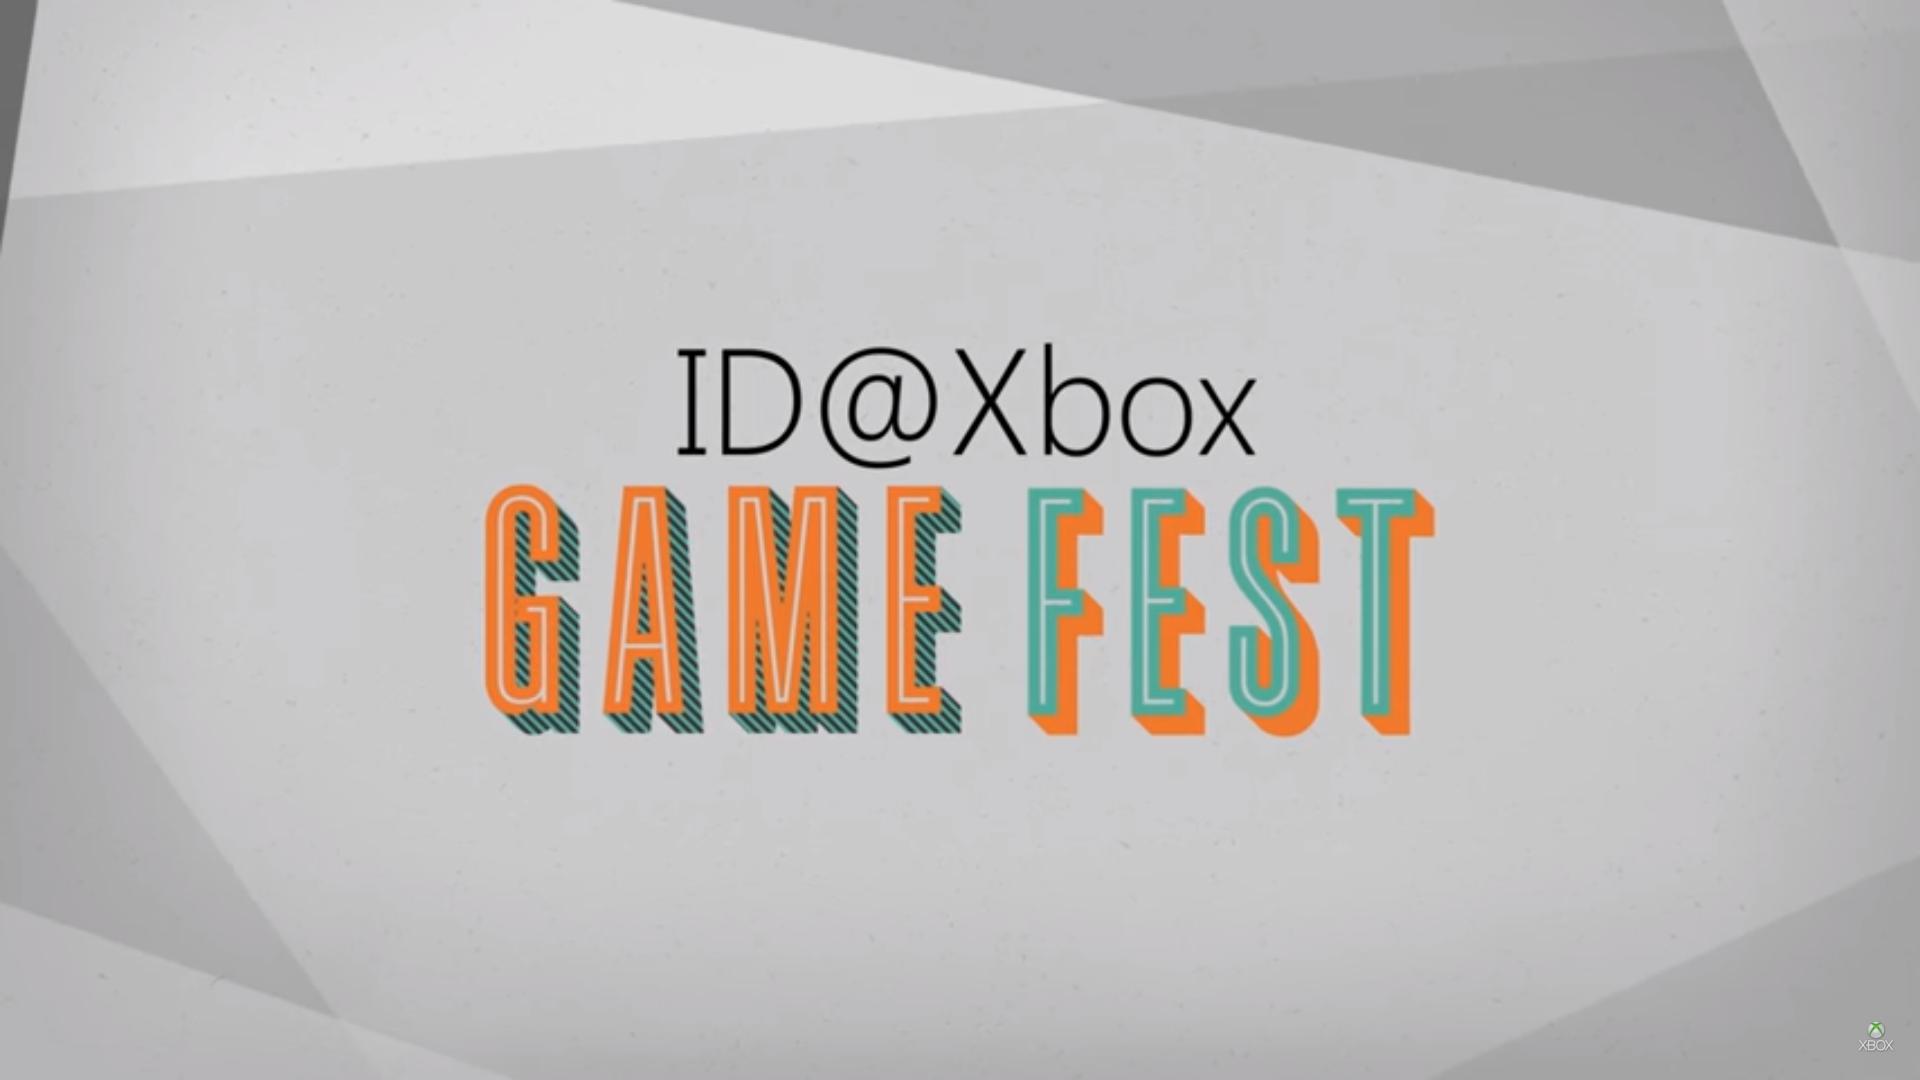 idxboxgamefest